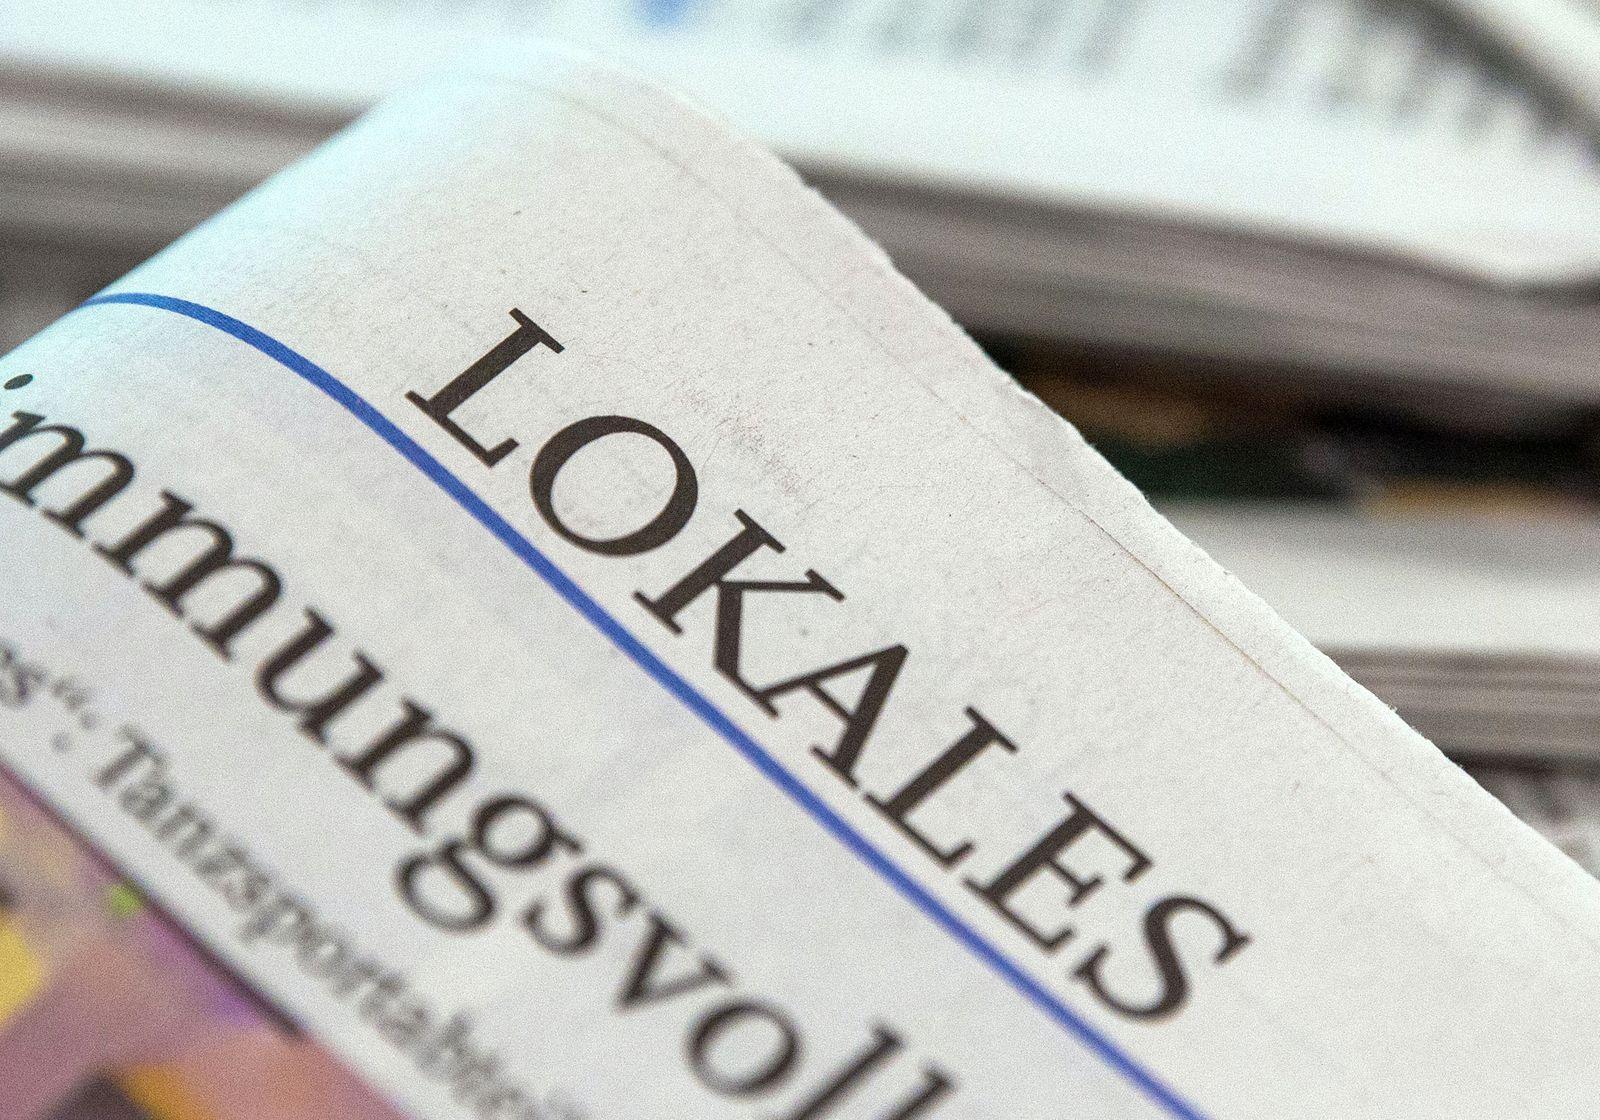 Lokalzeitung